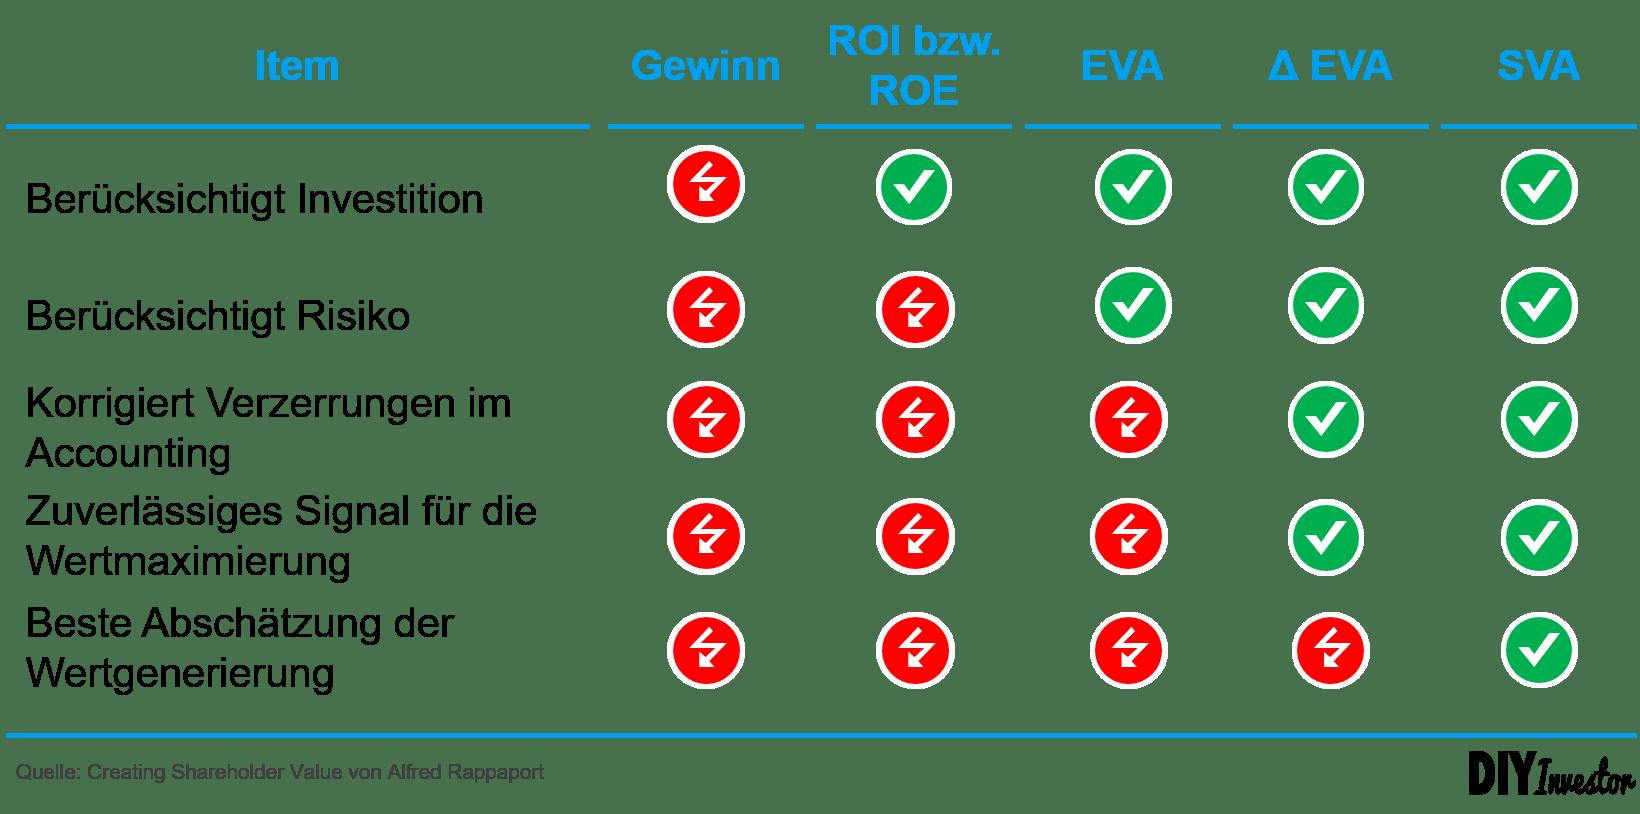 EVA versus SVA - Kennzahlen zur Messung der Value Creation